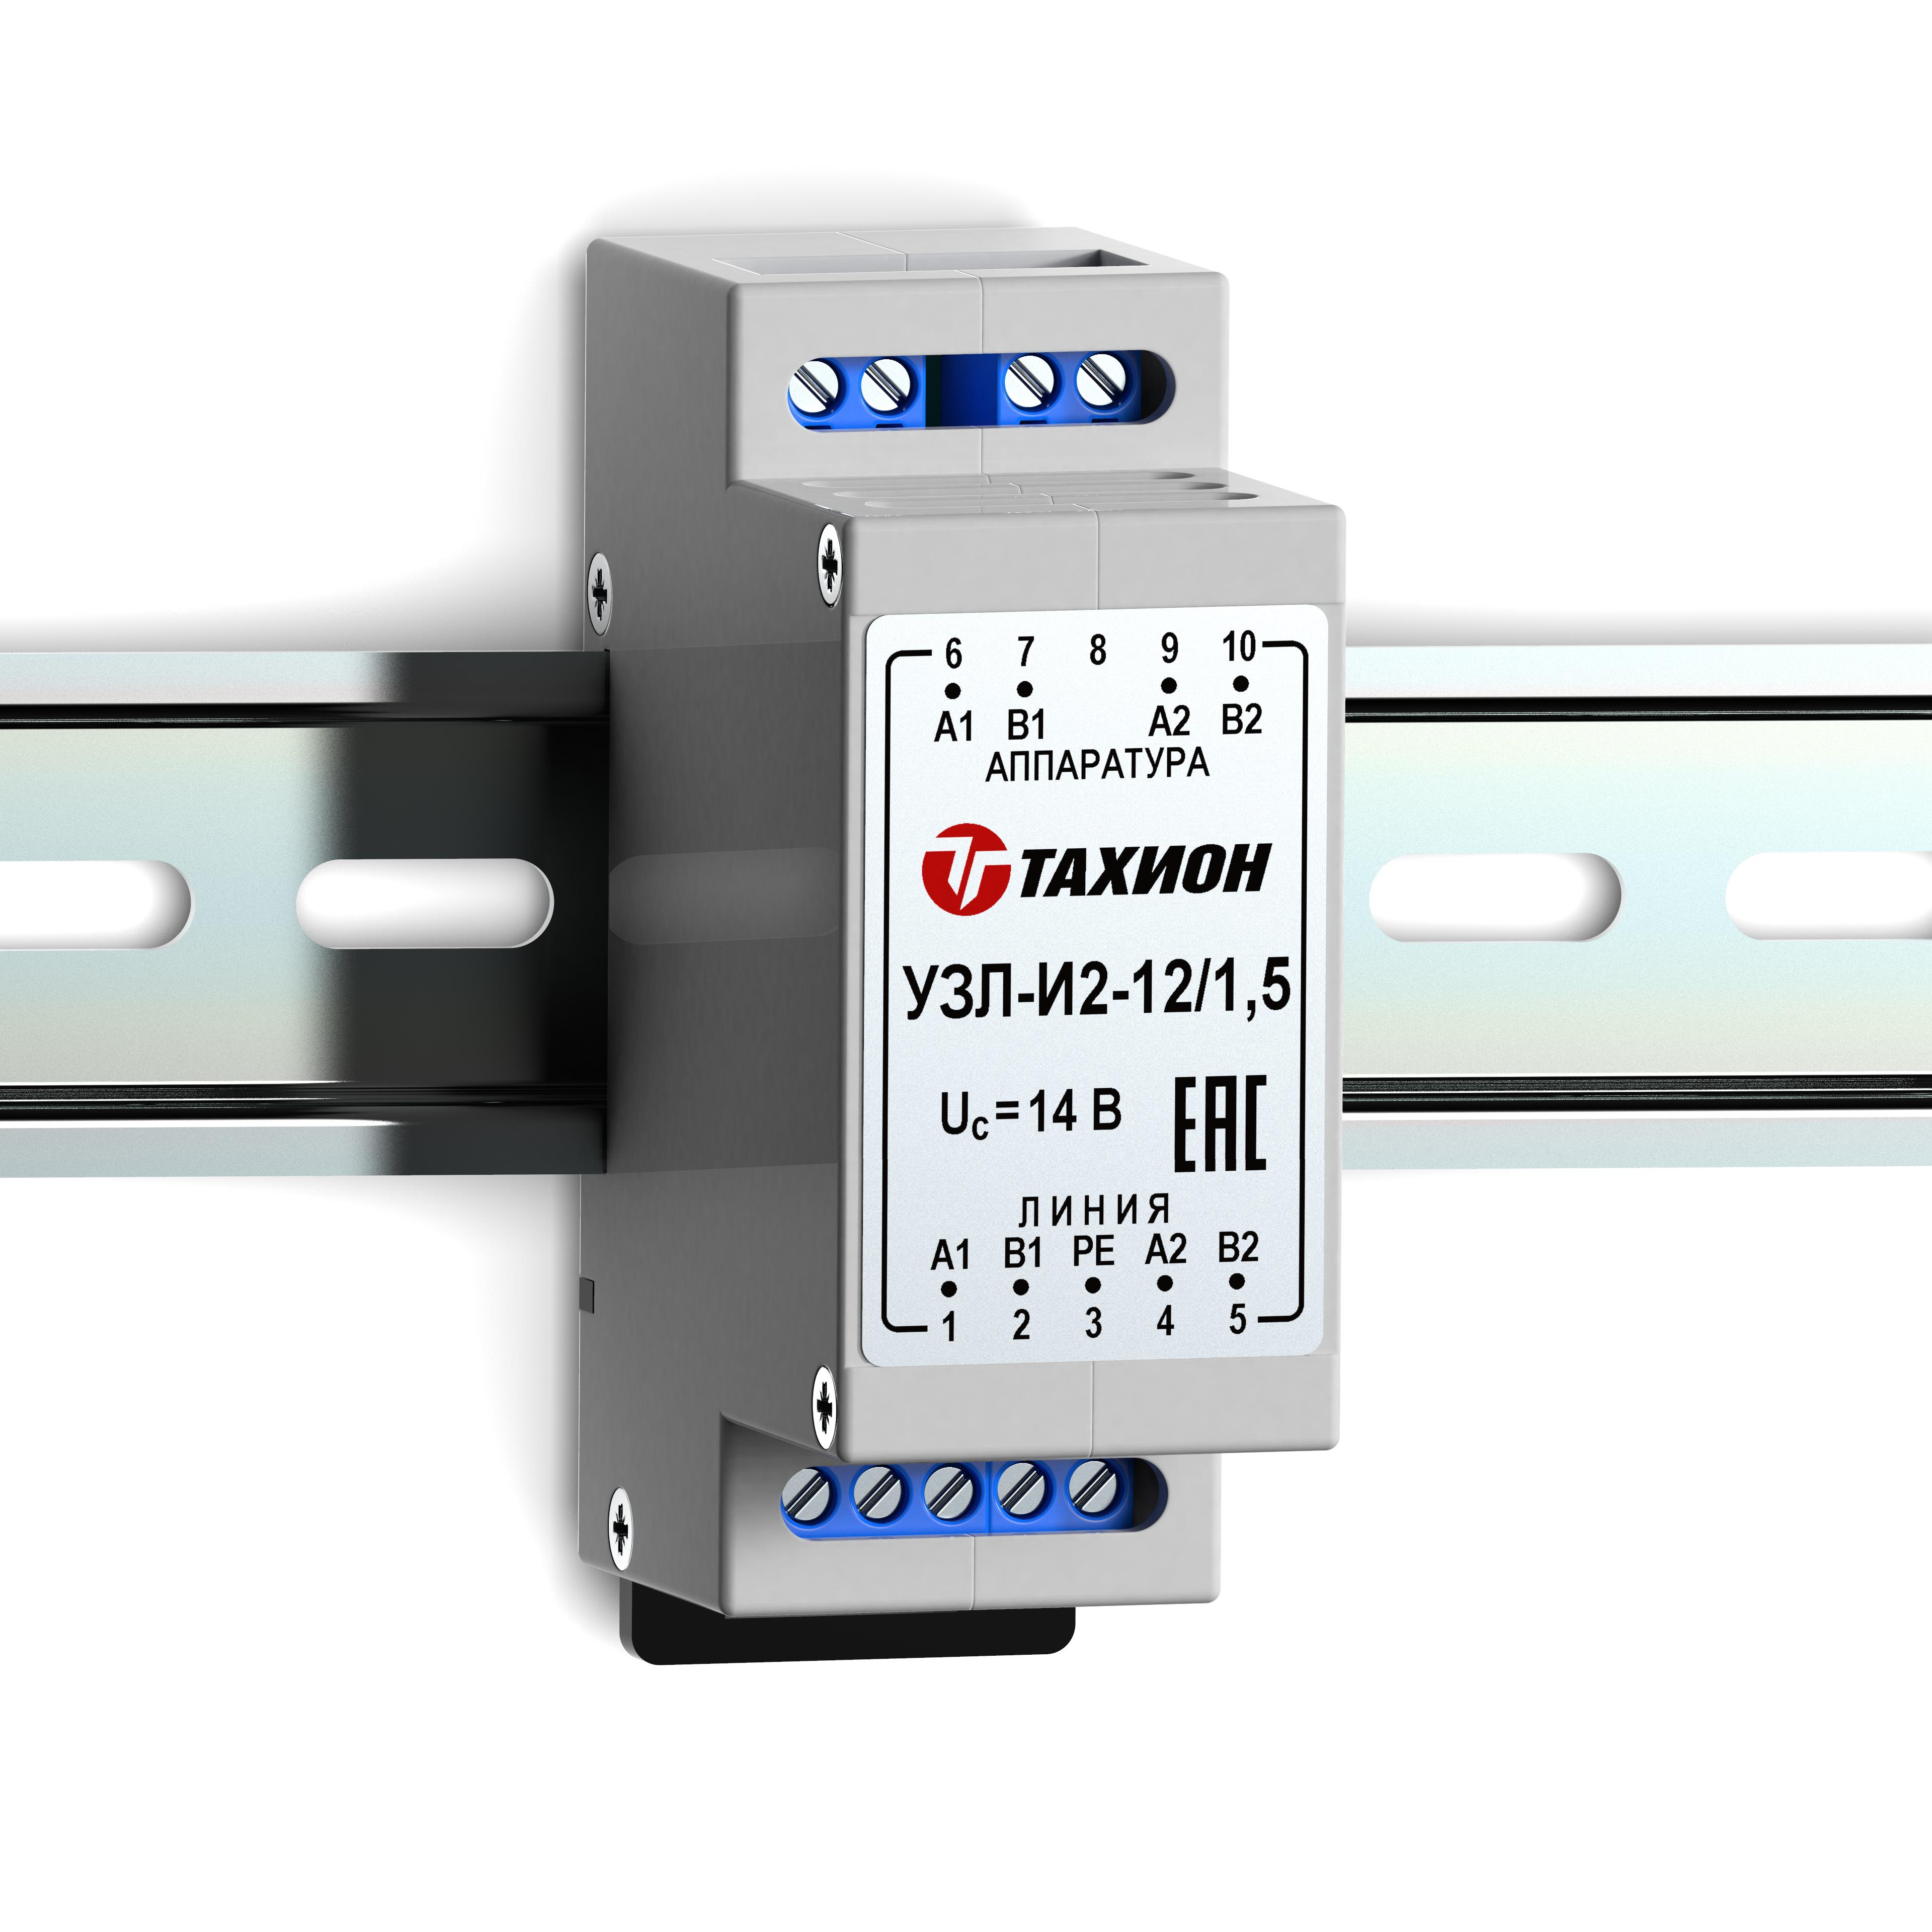 Устройства защиты портов интерфейсов с передачей питания по линии